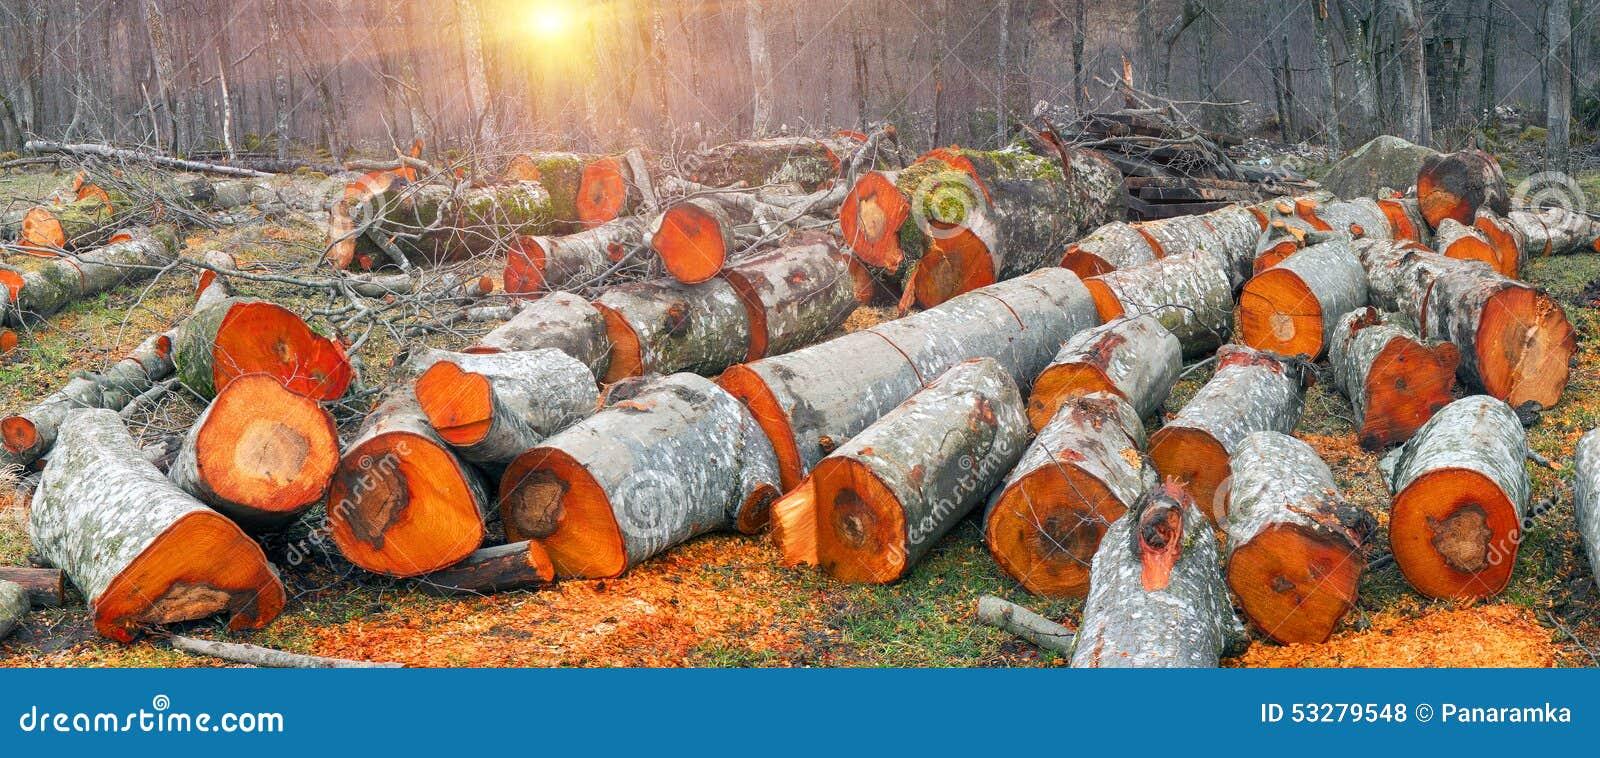 Bois pittoresque d 39 aulne photo stock image 53279548 - Aulne bois de chauffage ...